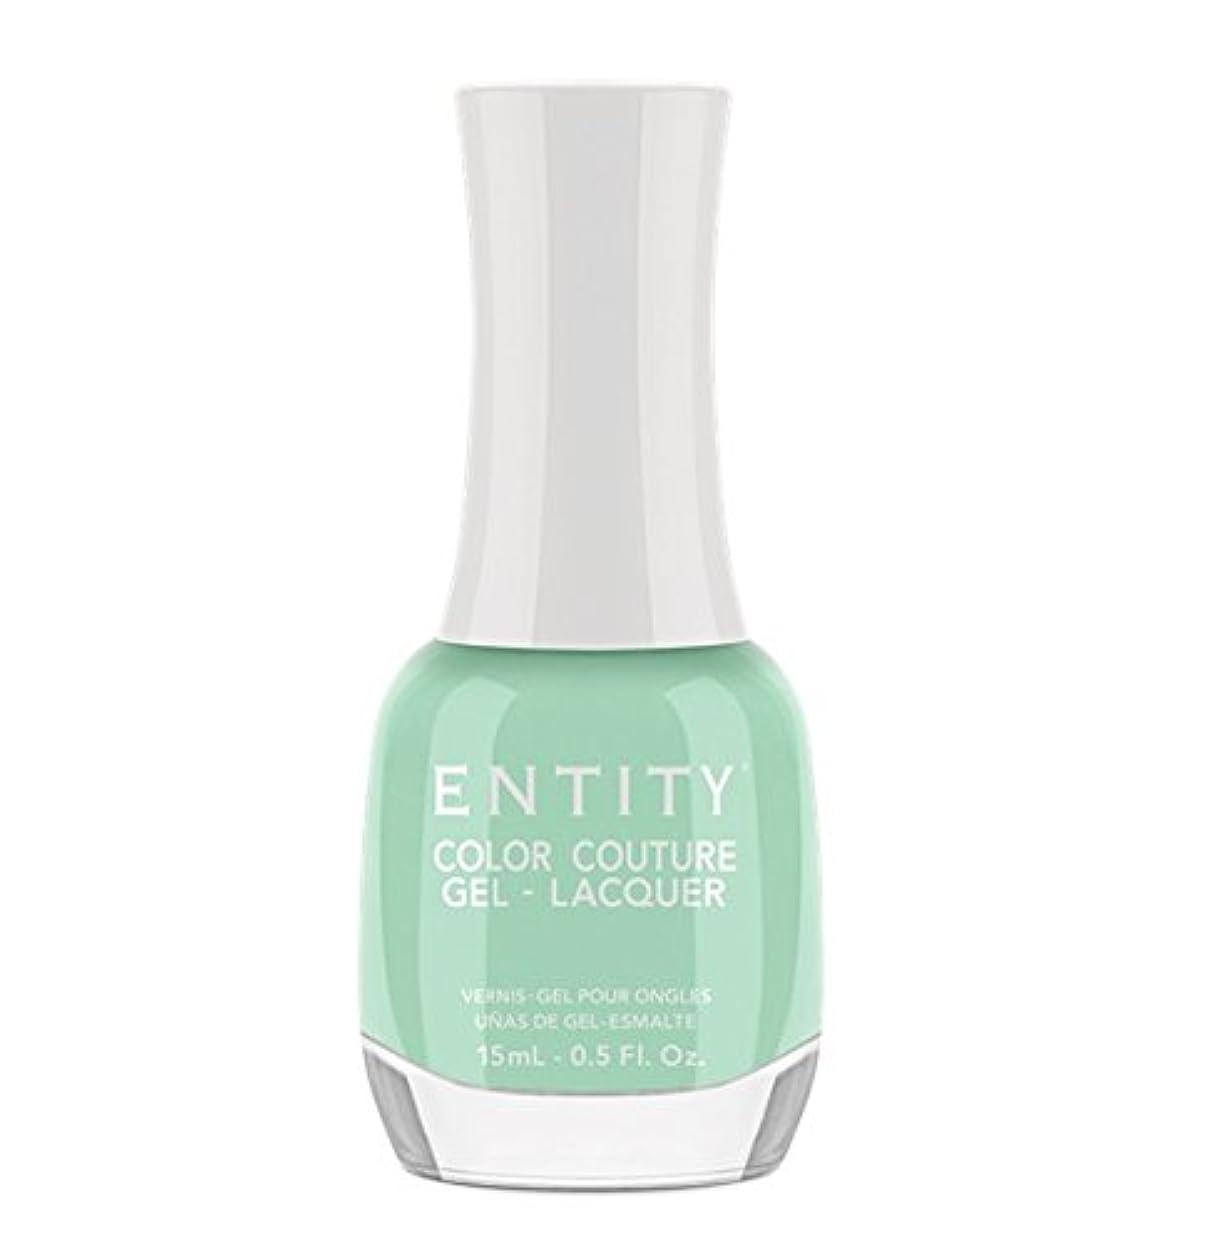 合理的侵入する偏差Entity Color Couture Gel-Lacquer - Statement Bag - 15 ml/0.5 oz